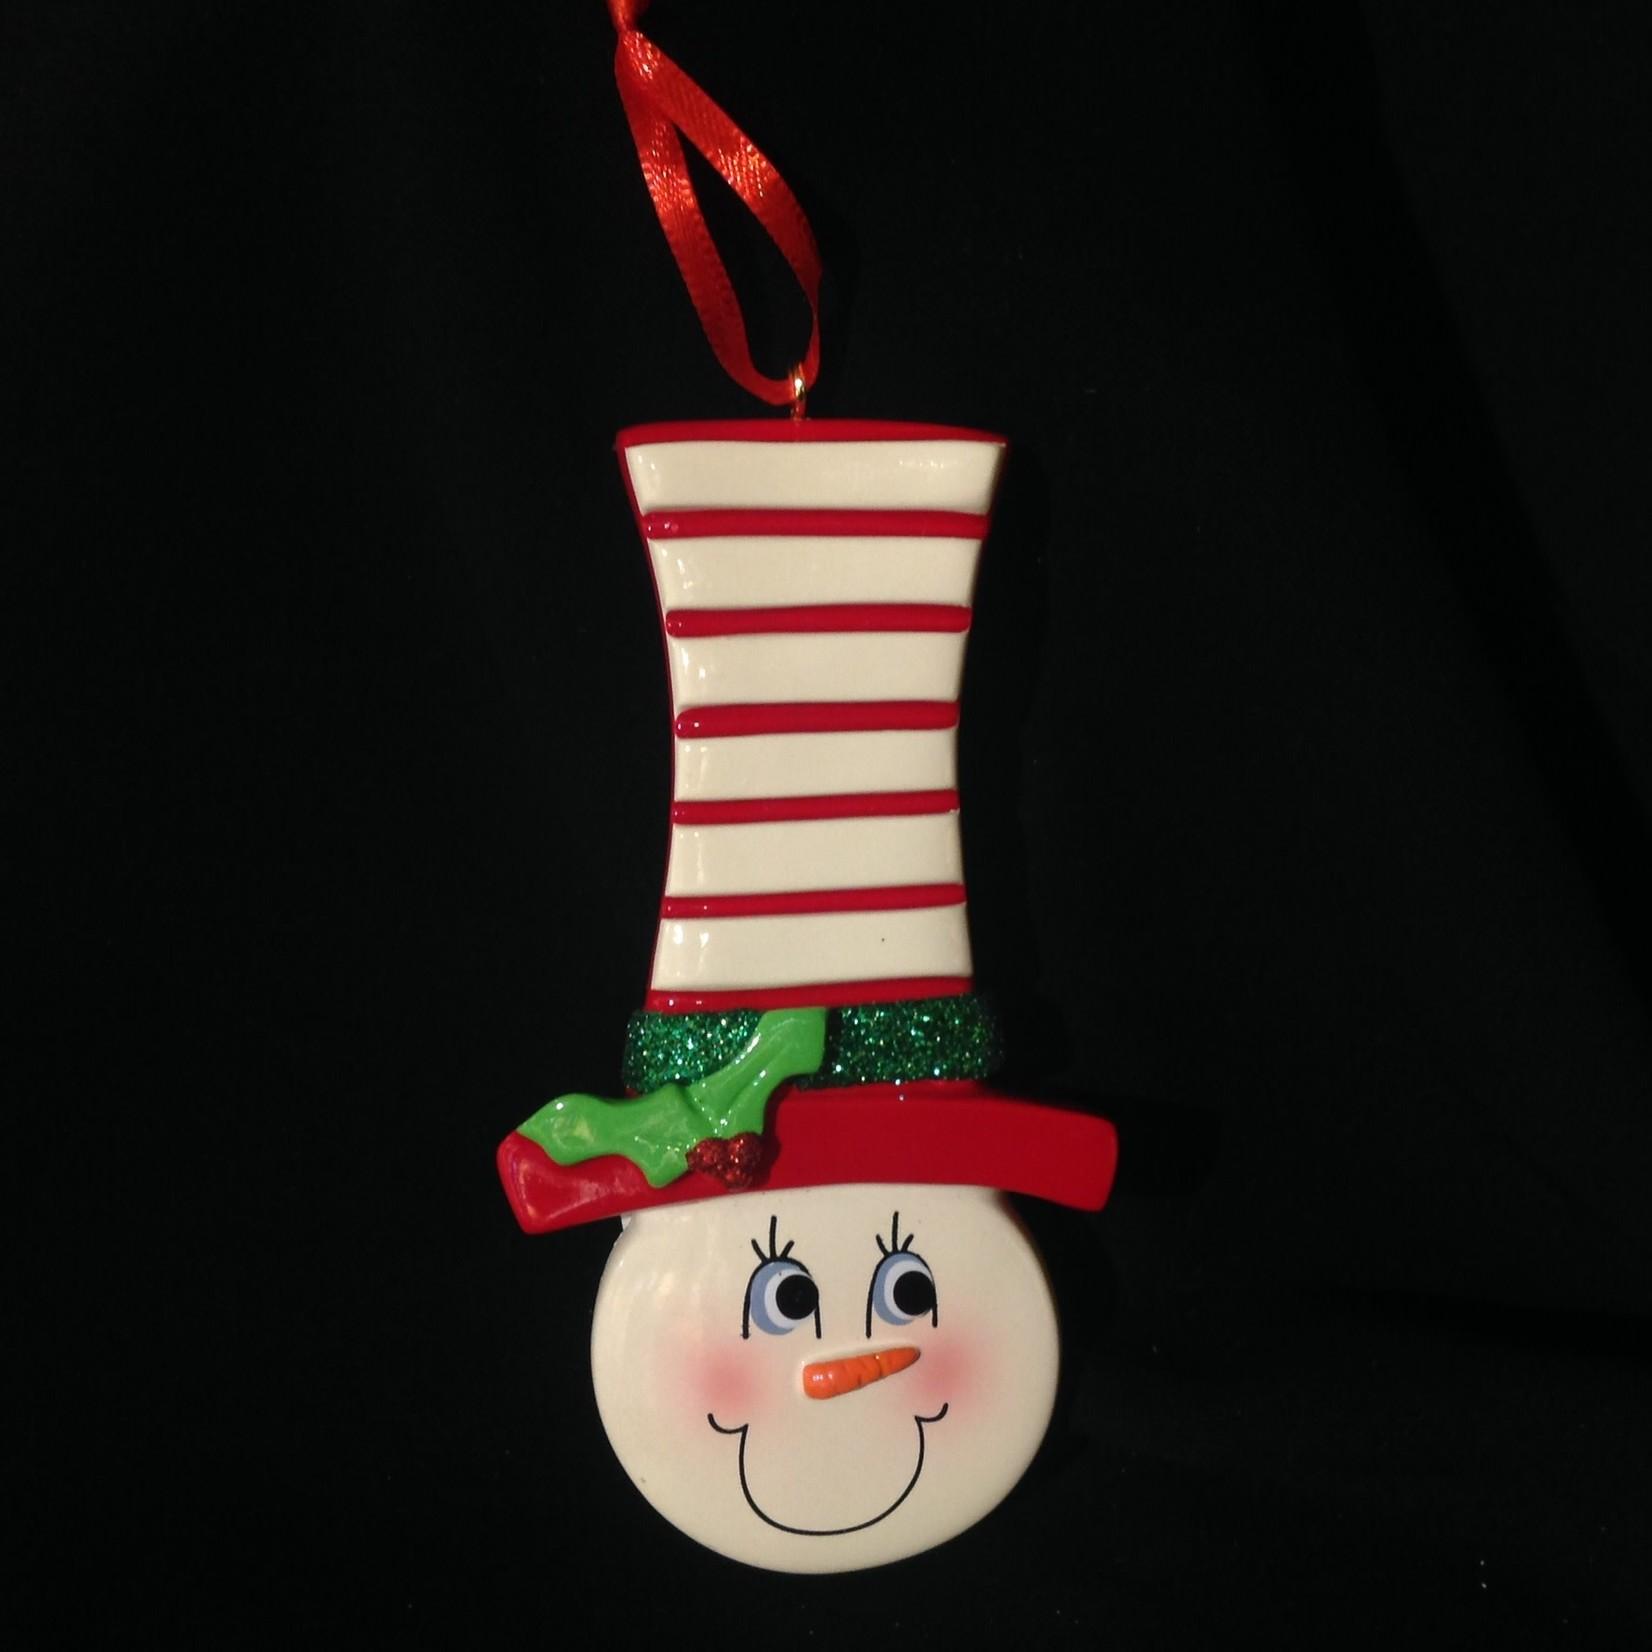 **Snowman Face Ornament